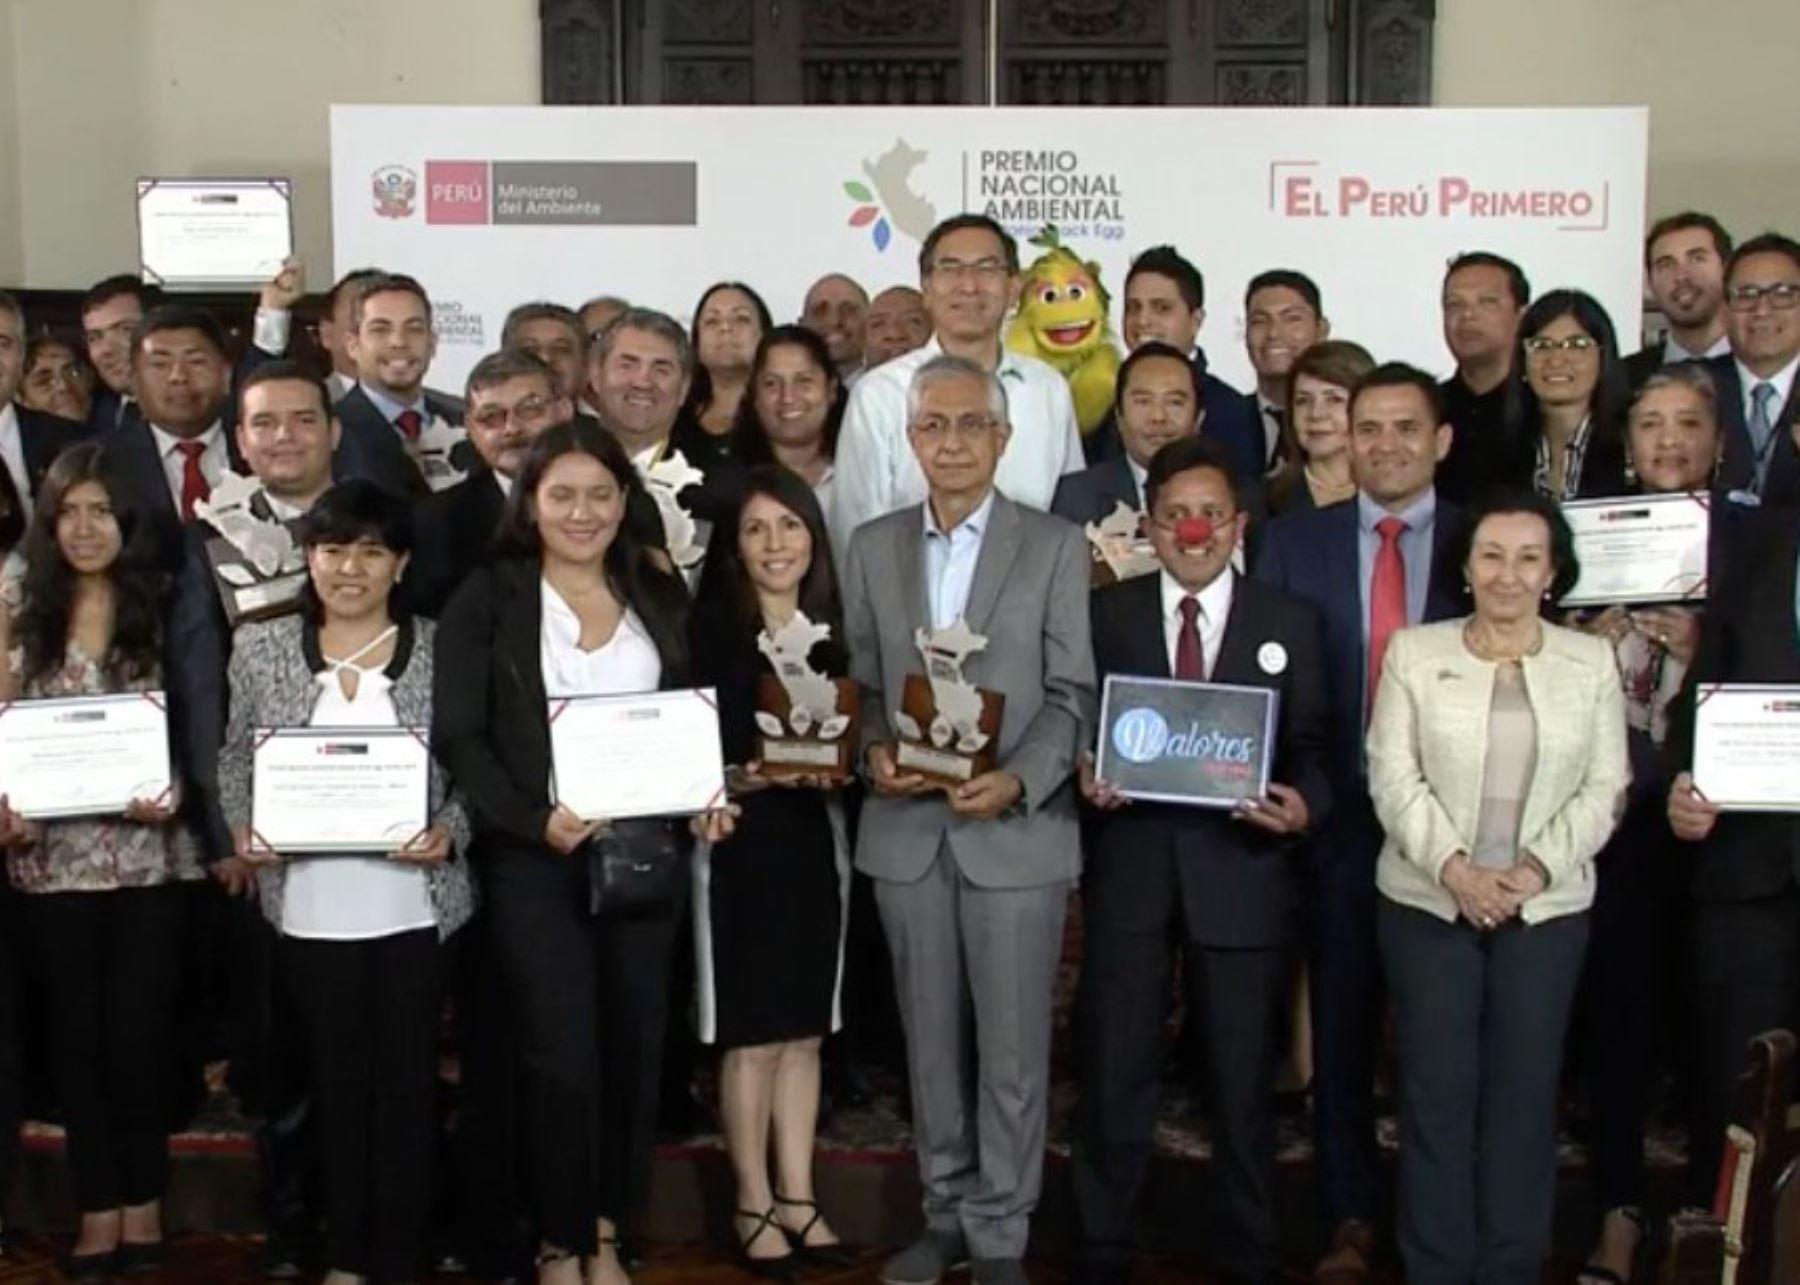 Presidente Martín Vizcarra participa en ceremonia de entrega del Premio Nacional Ambiental.